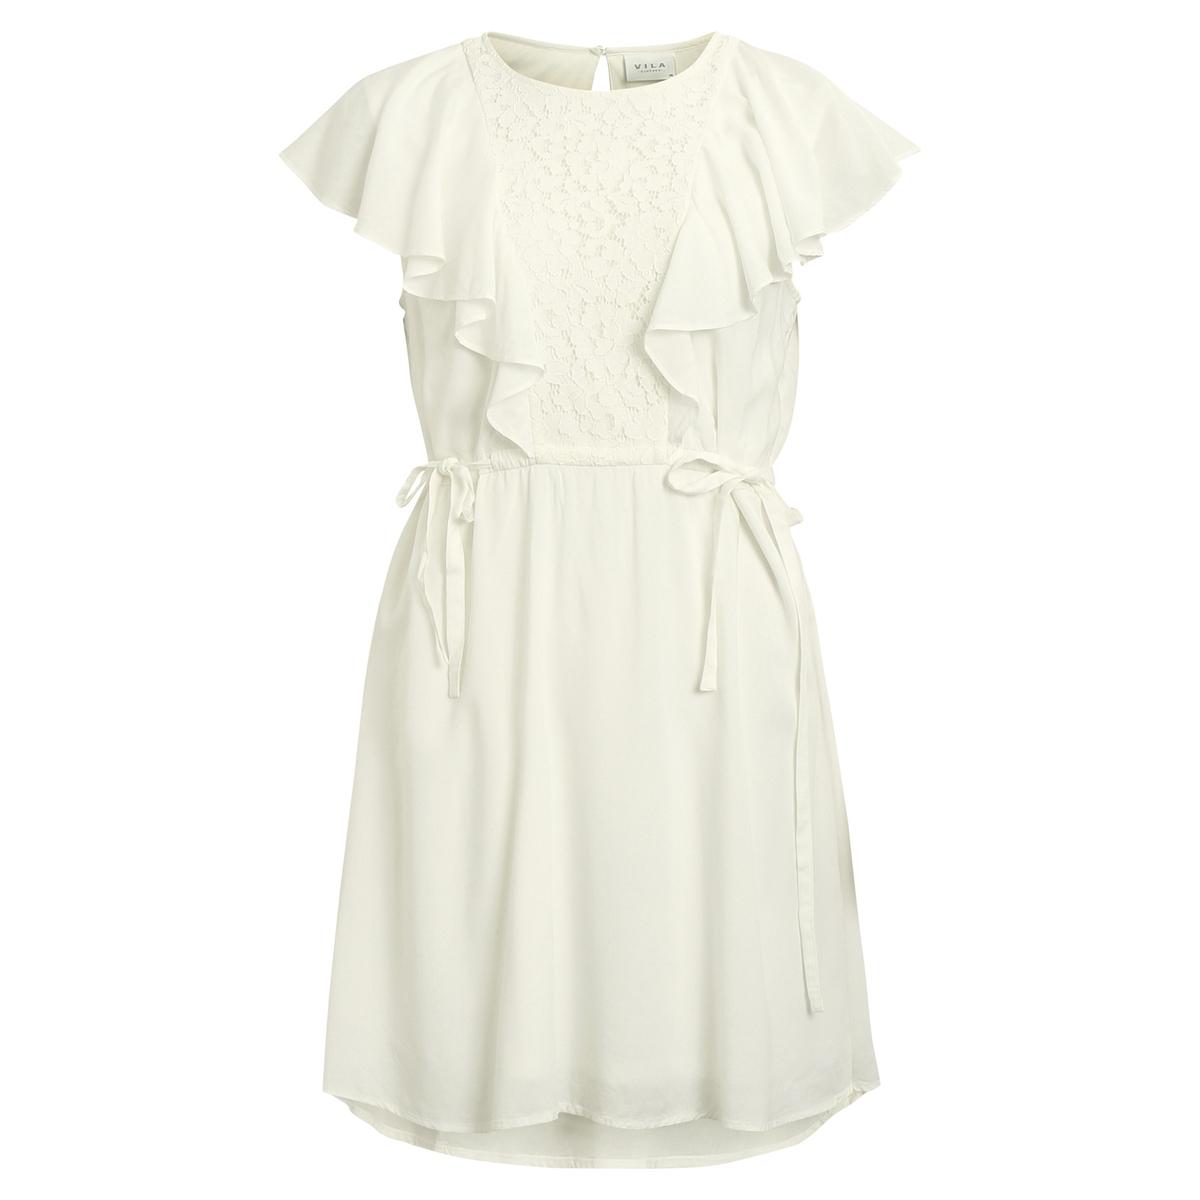 Платье средней длины с кружевной вставкой, без рукавов